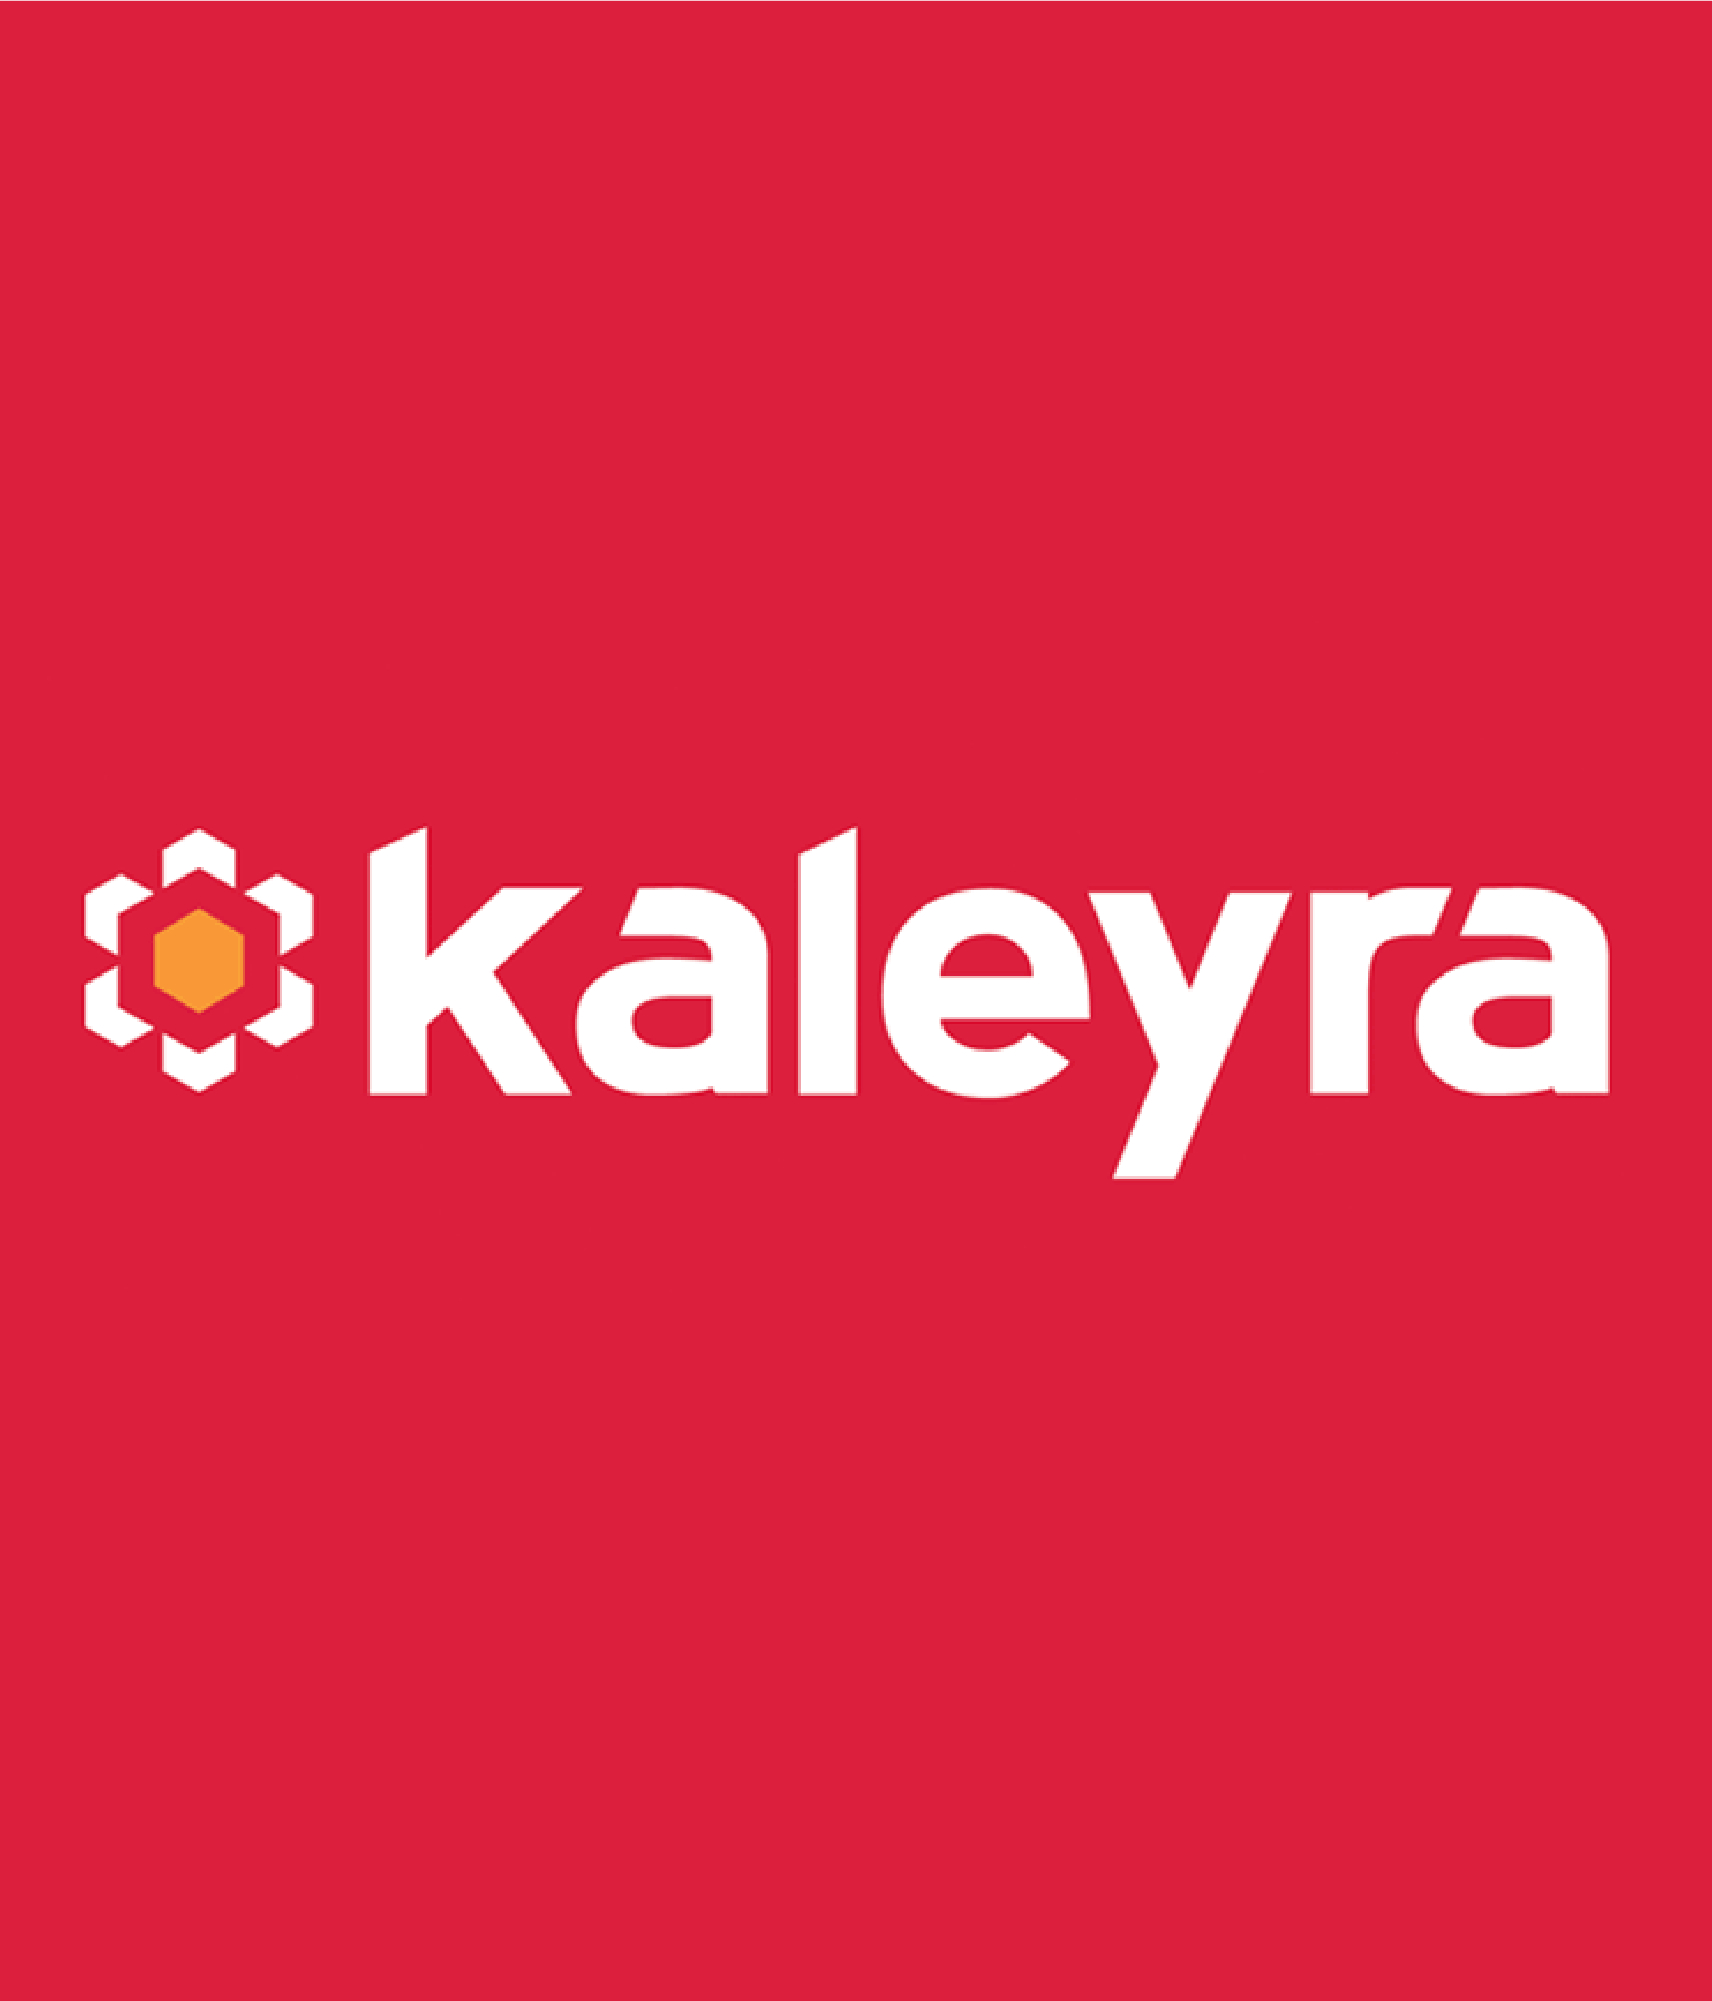 kaleyra